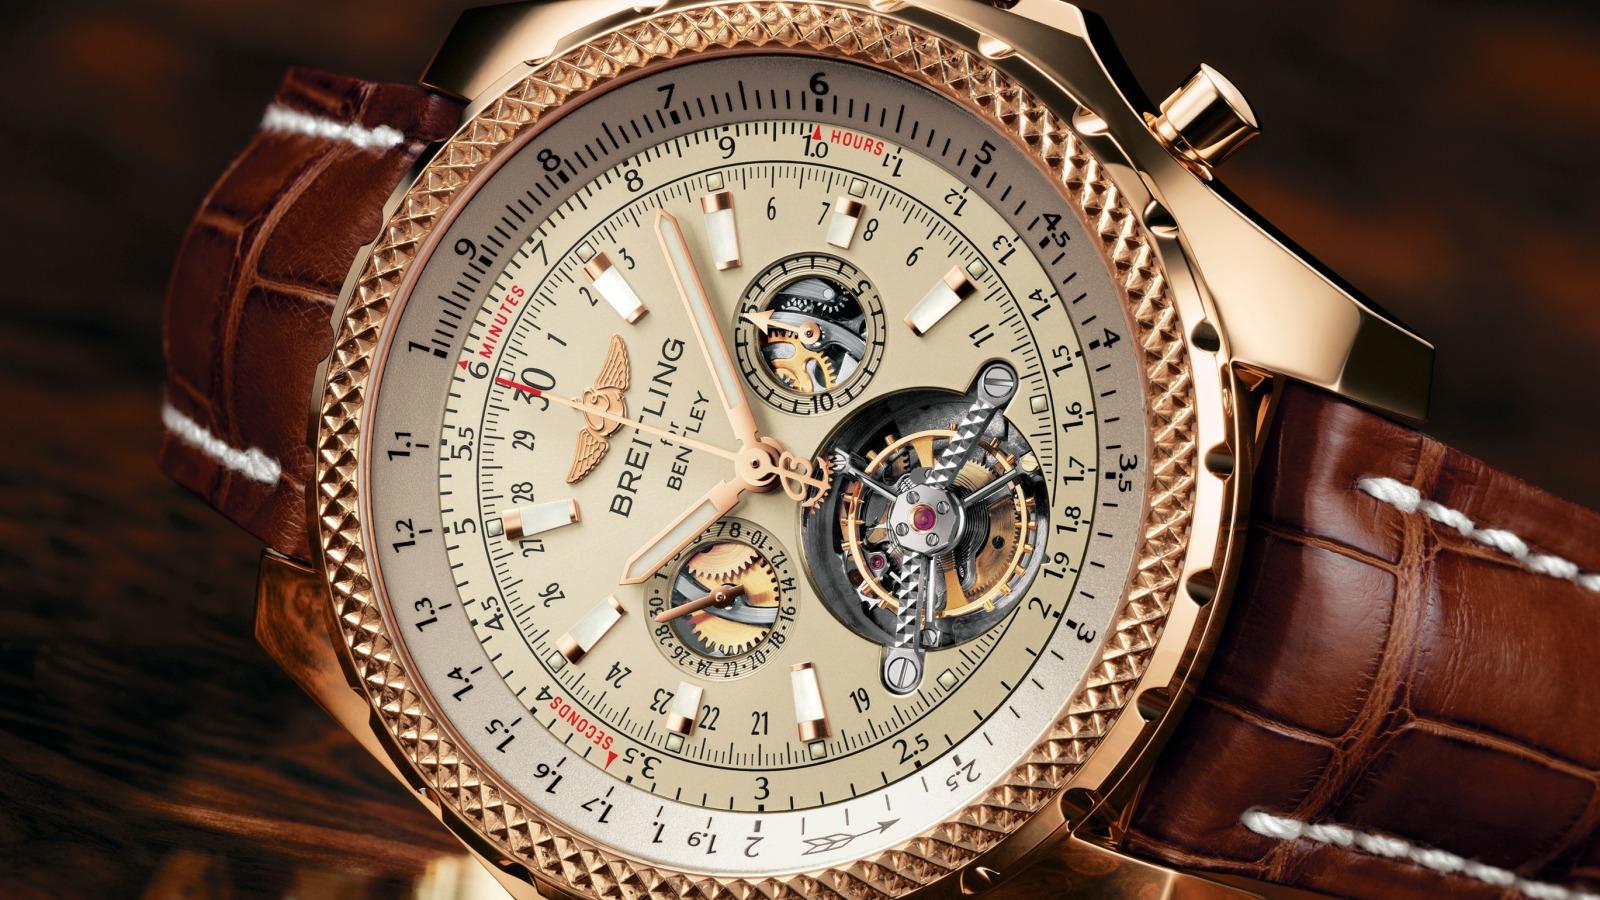 Где и как купить качественную реплику швейцарских часов по разумной цене (1 фото)